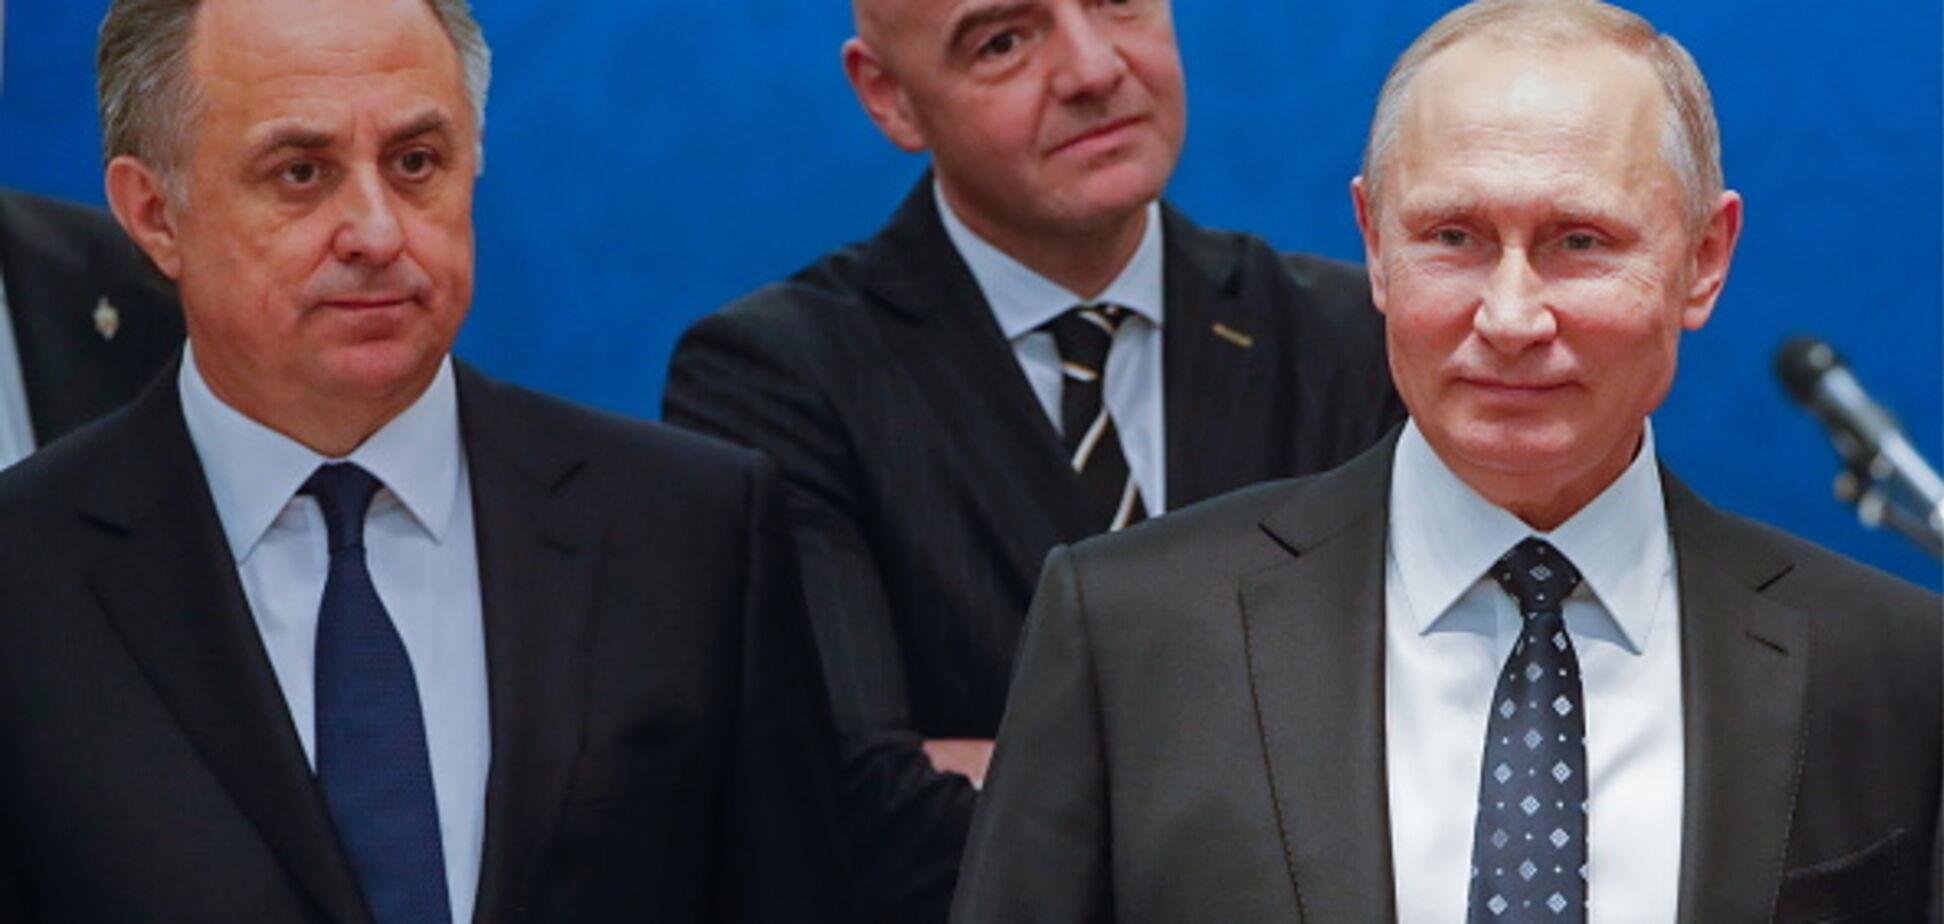 'Тыкните рожами': глумливое заявление Путина вызвало ярость у российских болельщиков